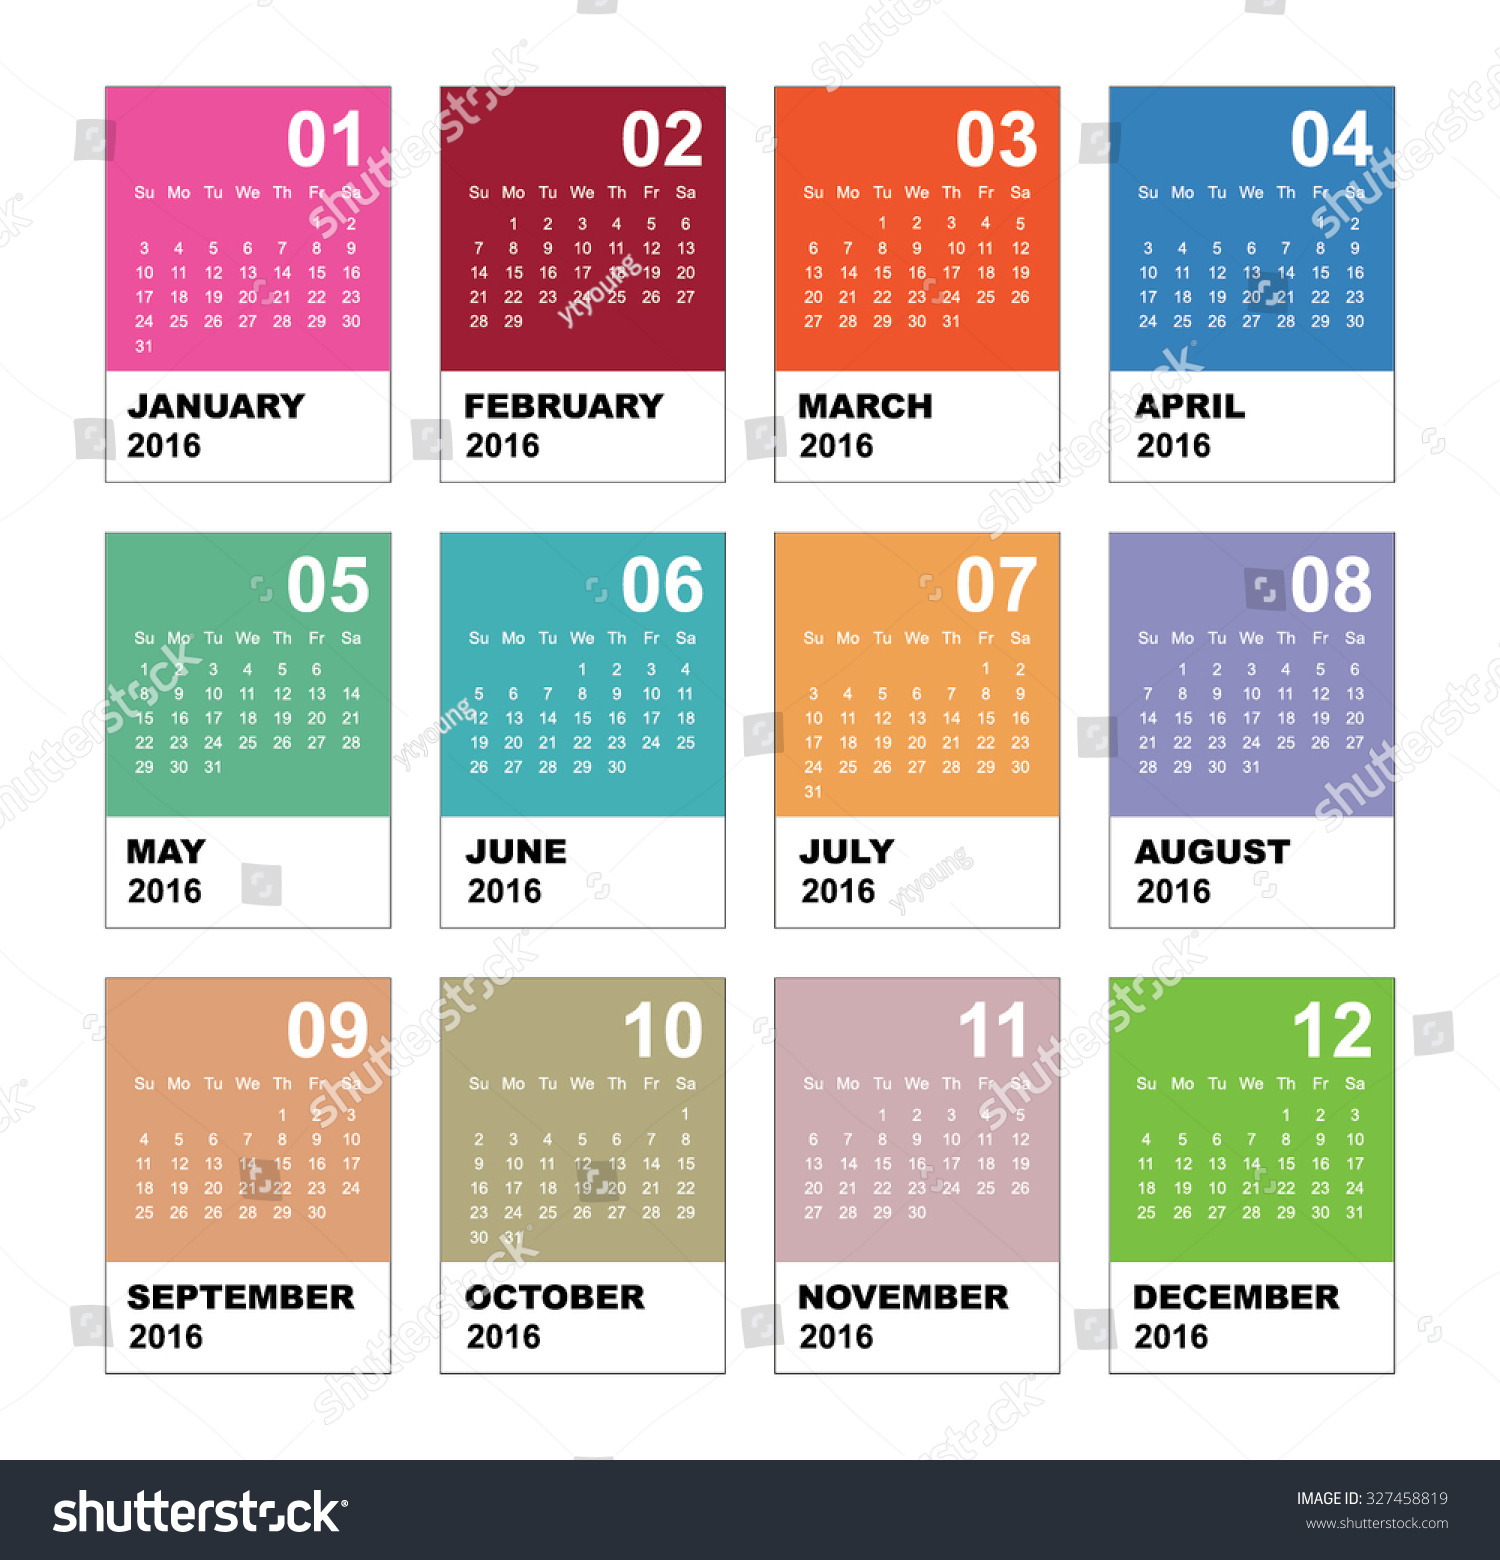 Minimalist Calendar Design : Calendar simple vector template stock